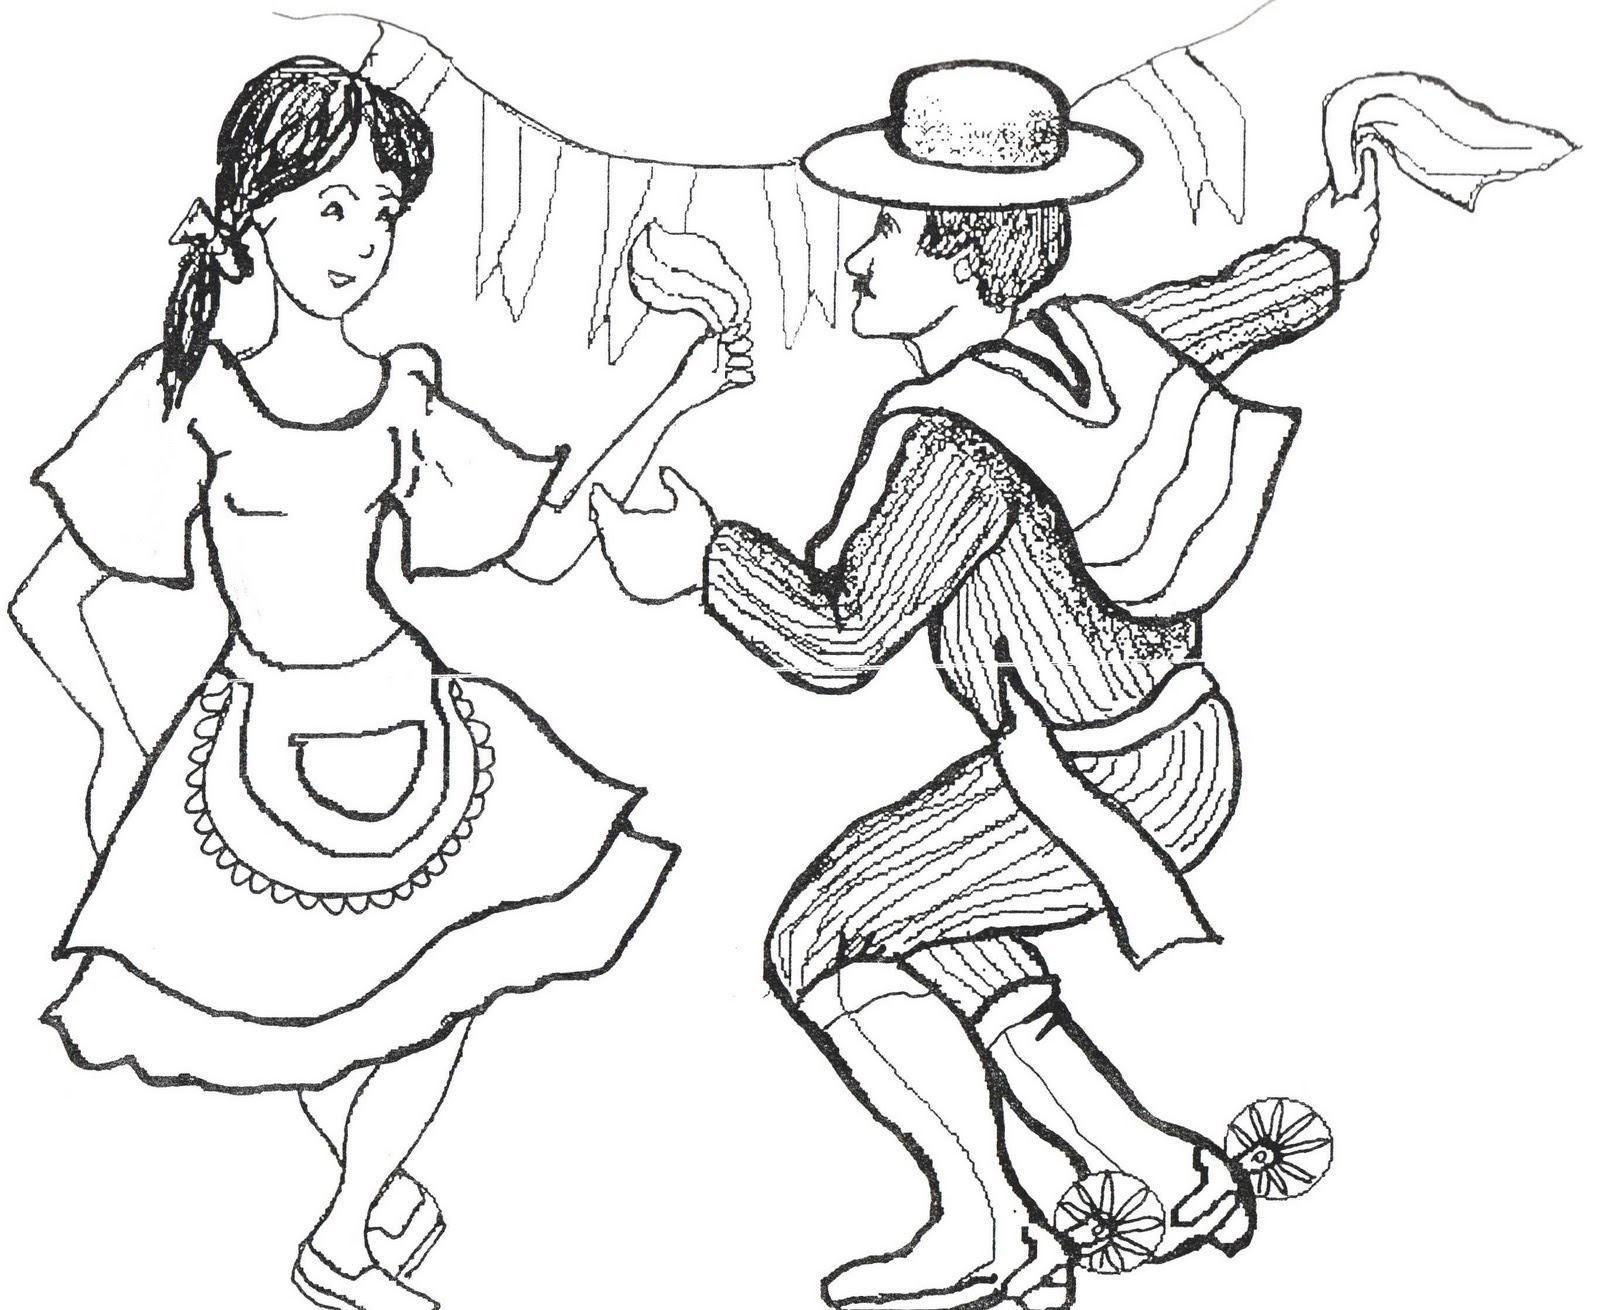 Dibujo De Chilena Para Colorear: Dibujos Para Colorear Fiestas Patrias Chile